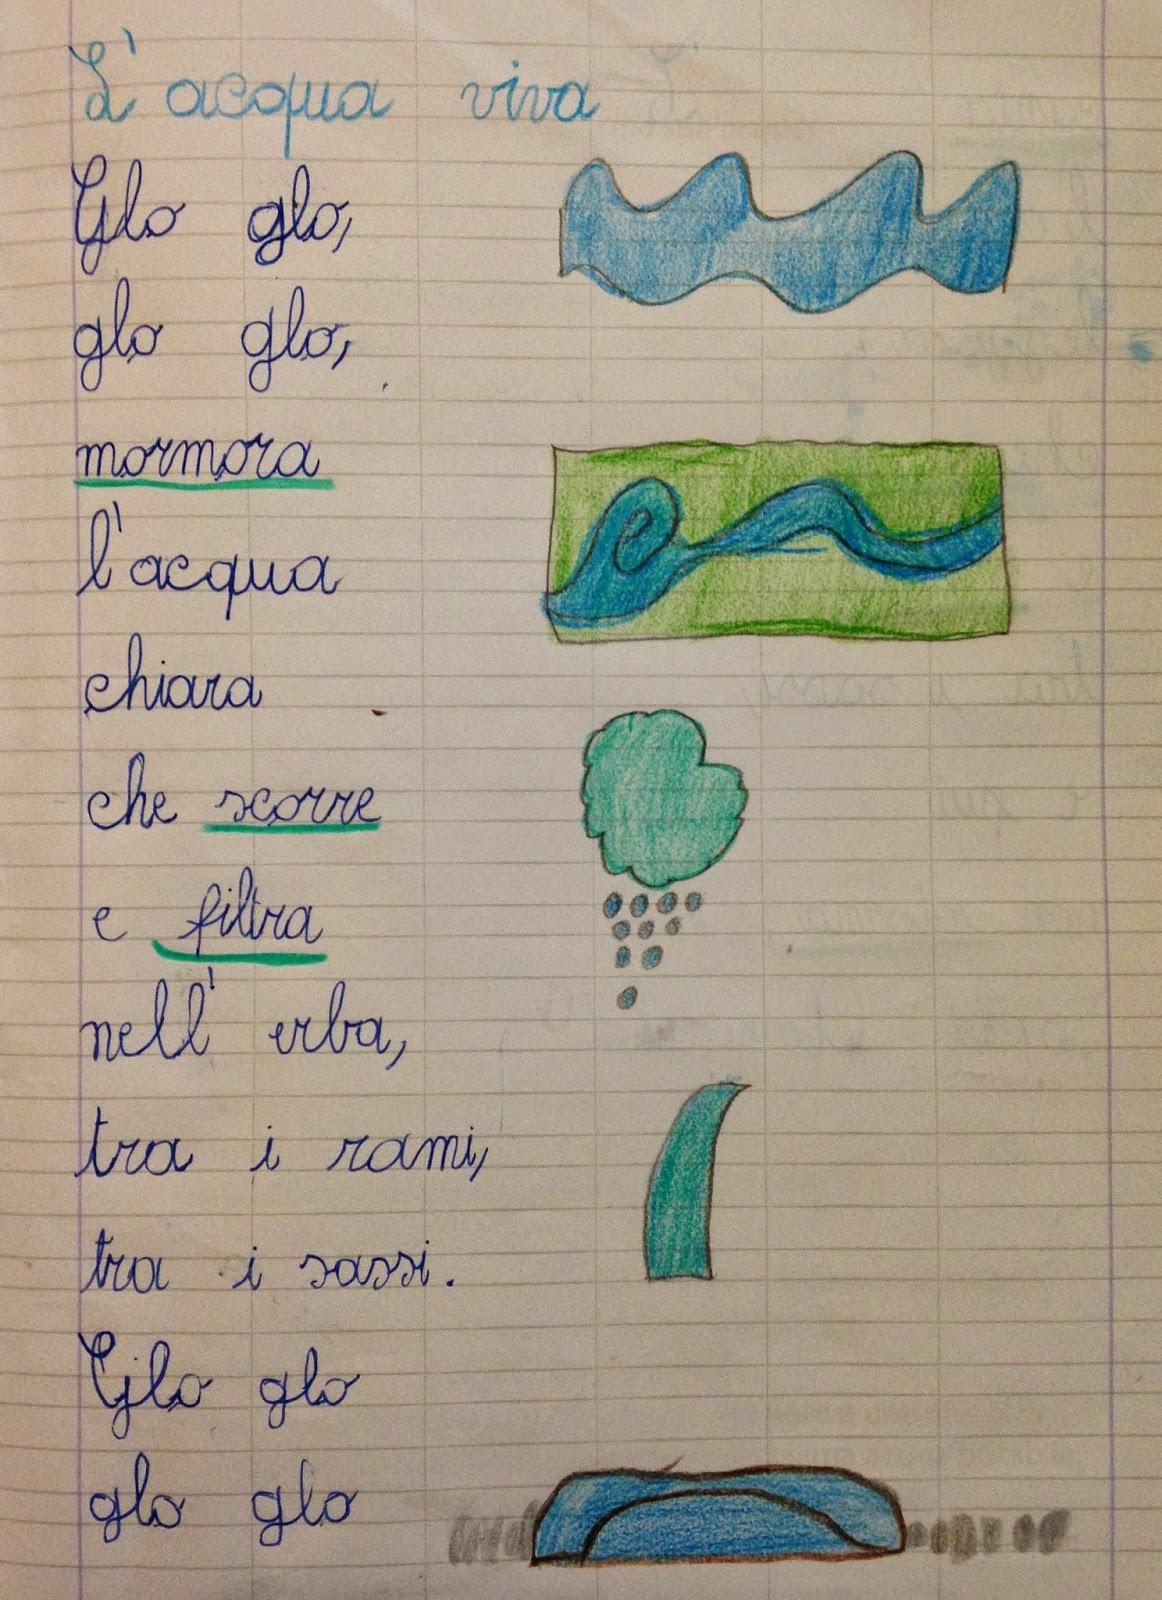 Favorito APEdario: L'acqua viva (e la poesia che vive con lei) AA35